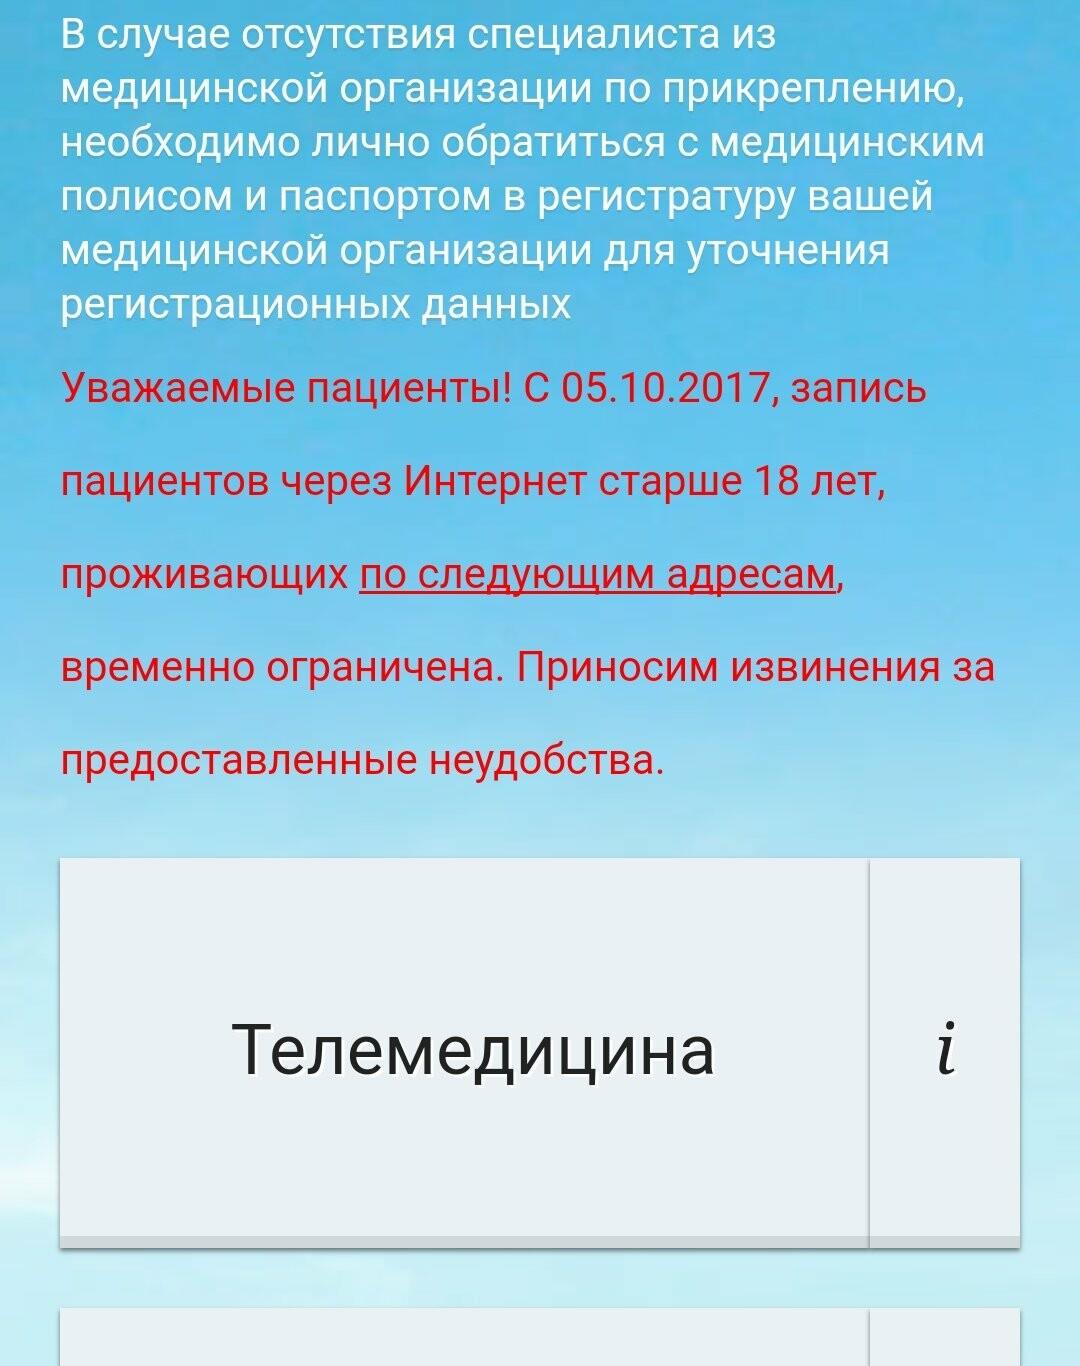 Врачи на Южном Урале начали принимать пациентов удалённо, фото-1